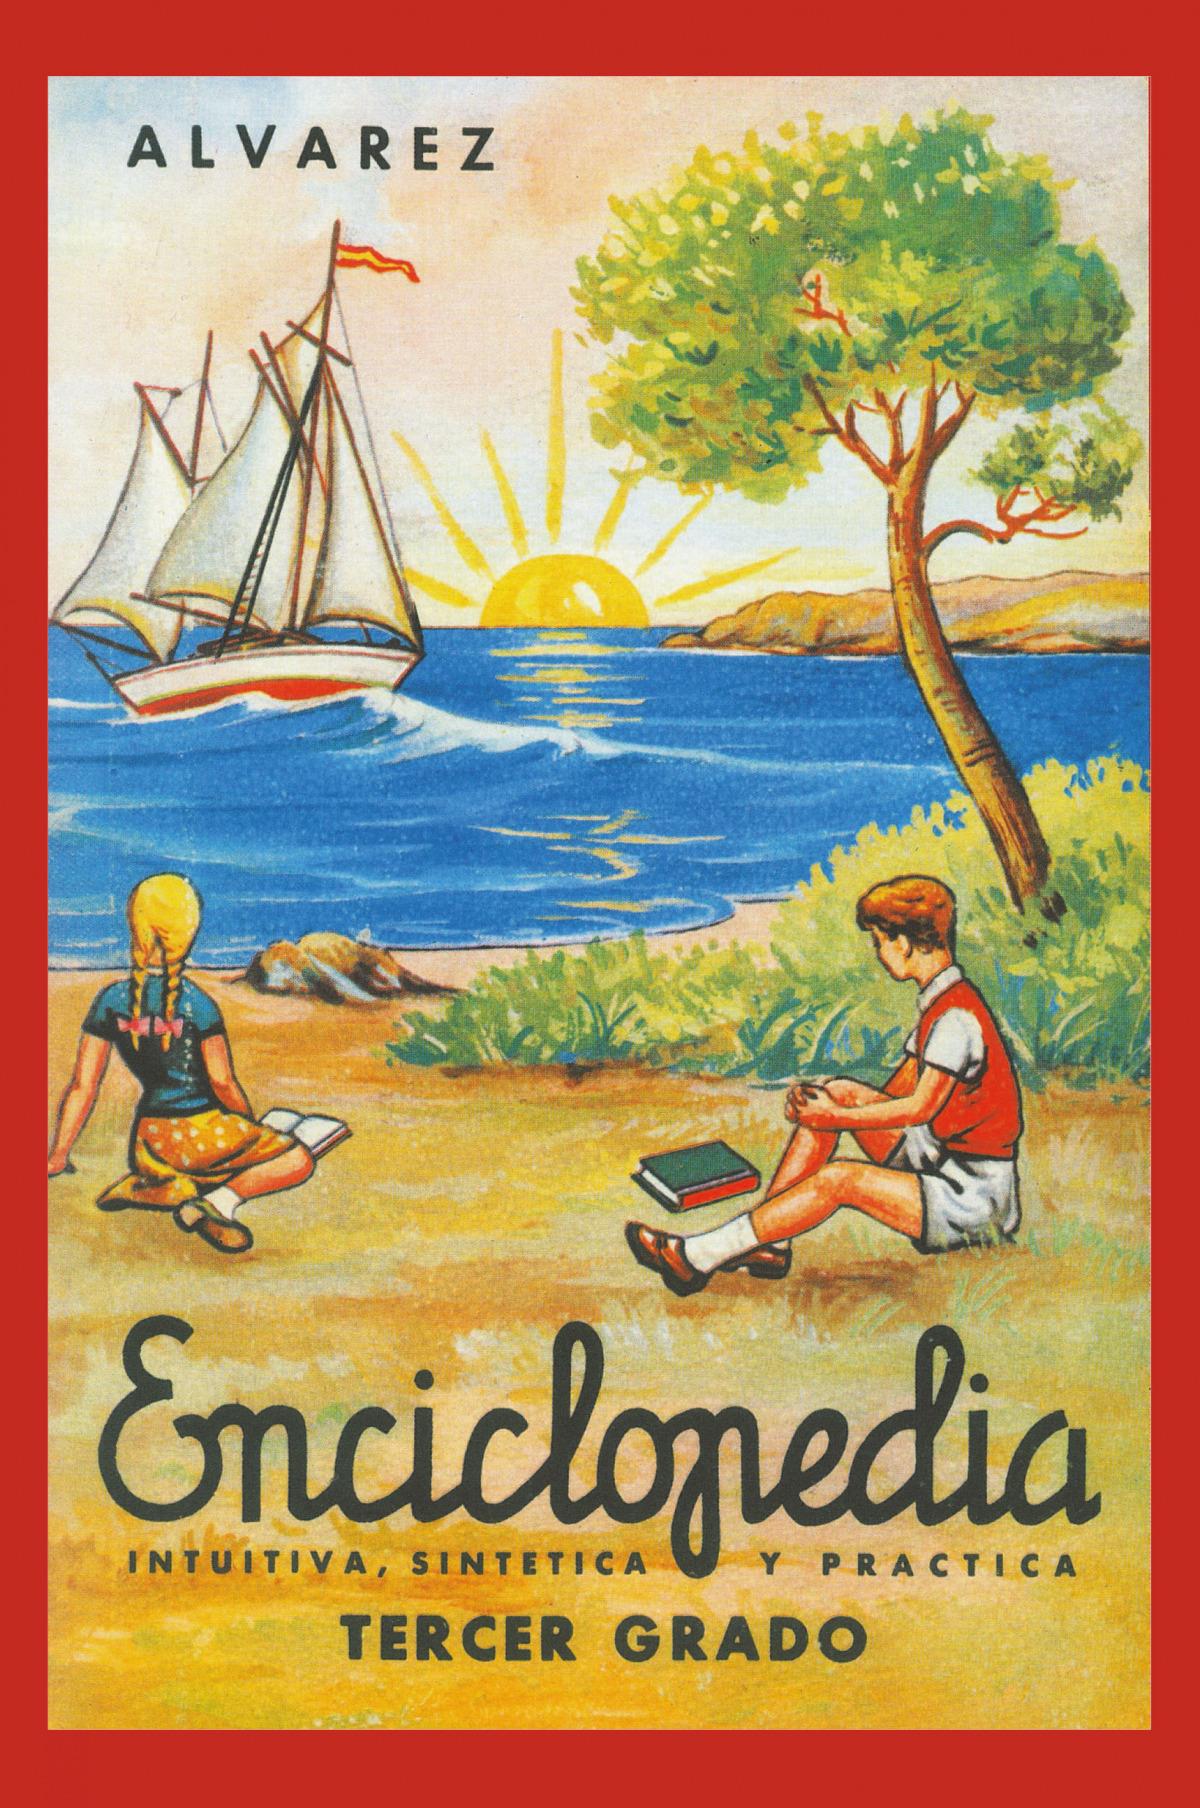 Enciclopedia Alvarez, 3.er grado 9788441402447